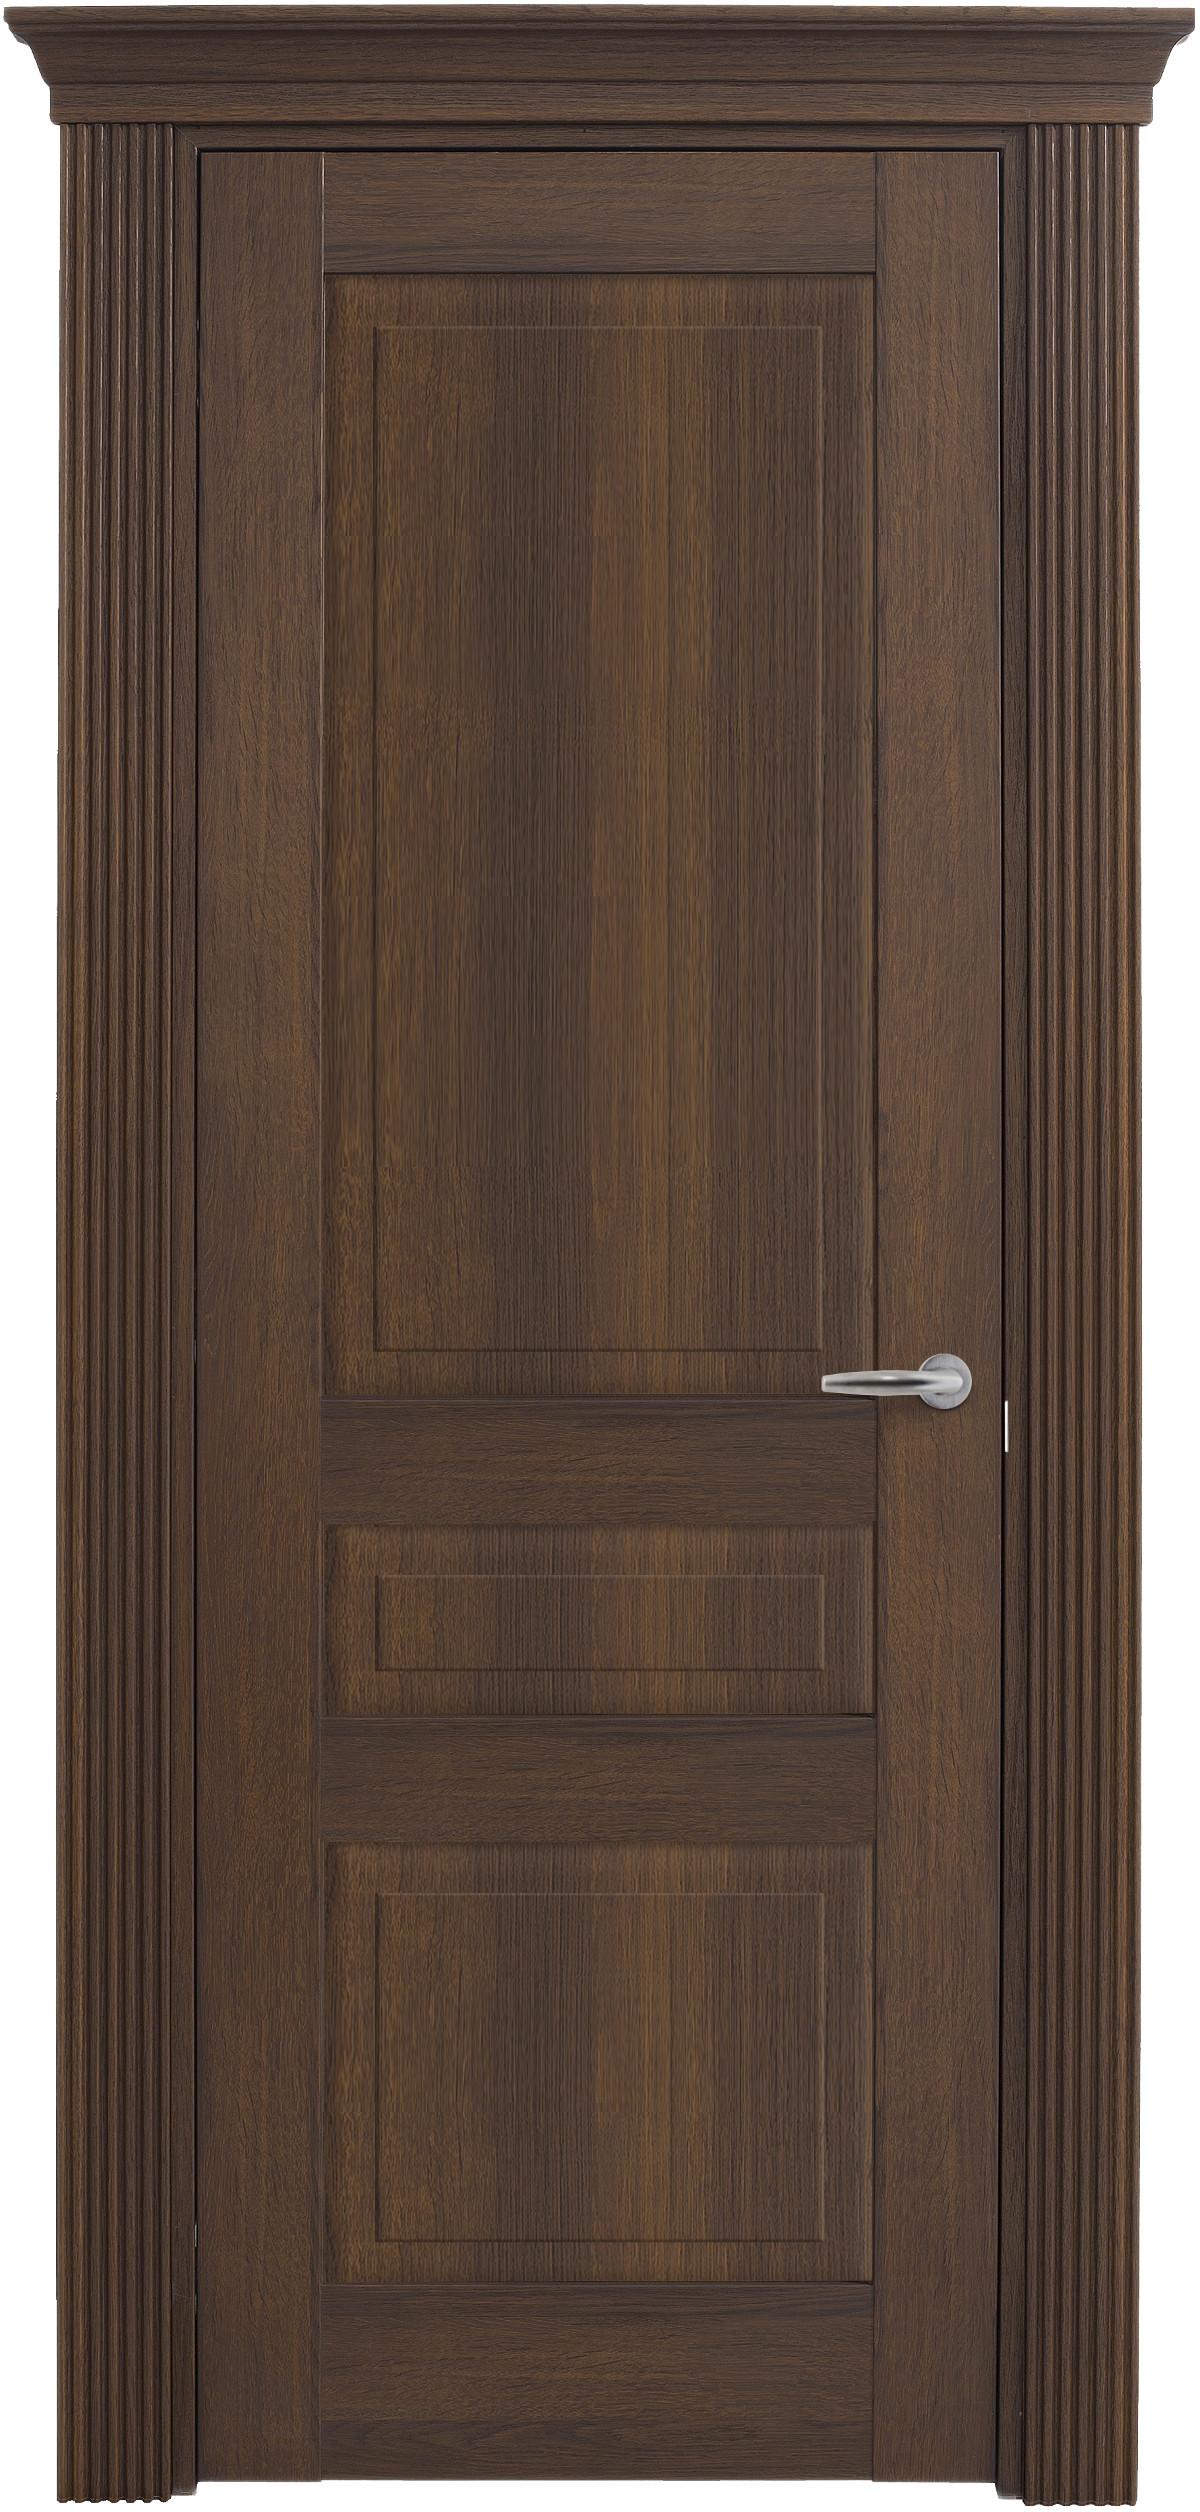 Межкомнатная / входная дверь, отделка: экошпон ГРЕЧЕСКИЙ ОРЕХ, Solo Classic 3FnP-2